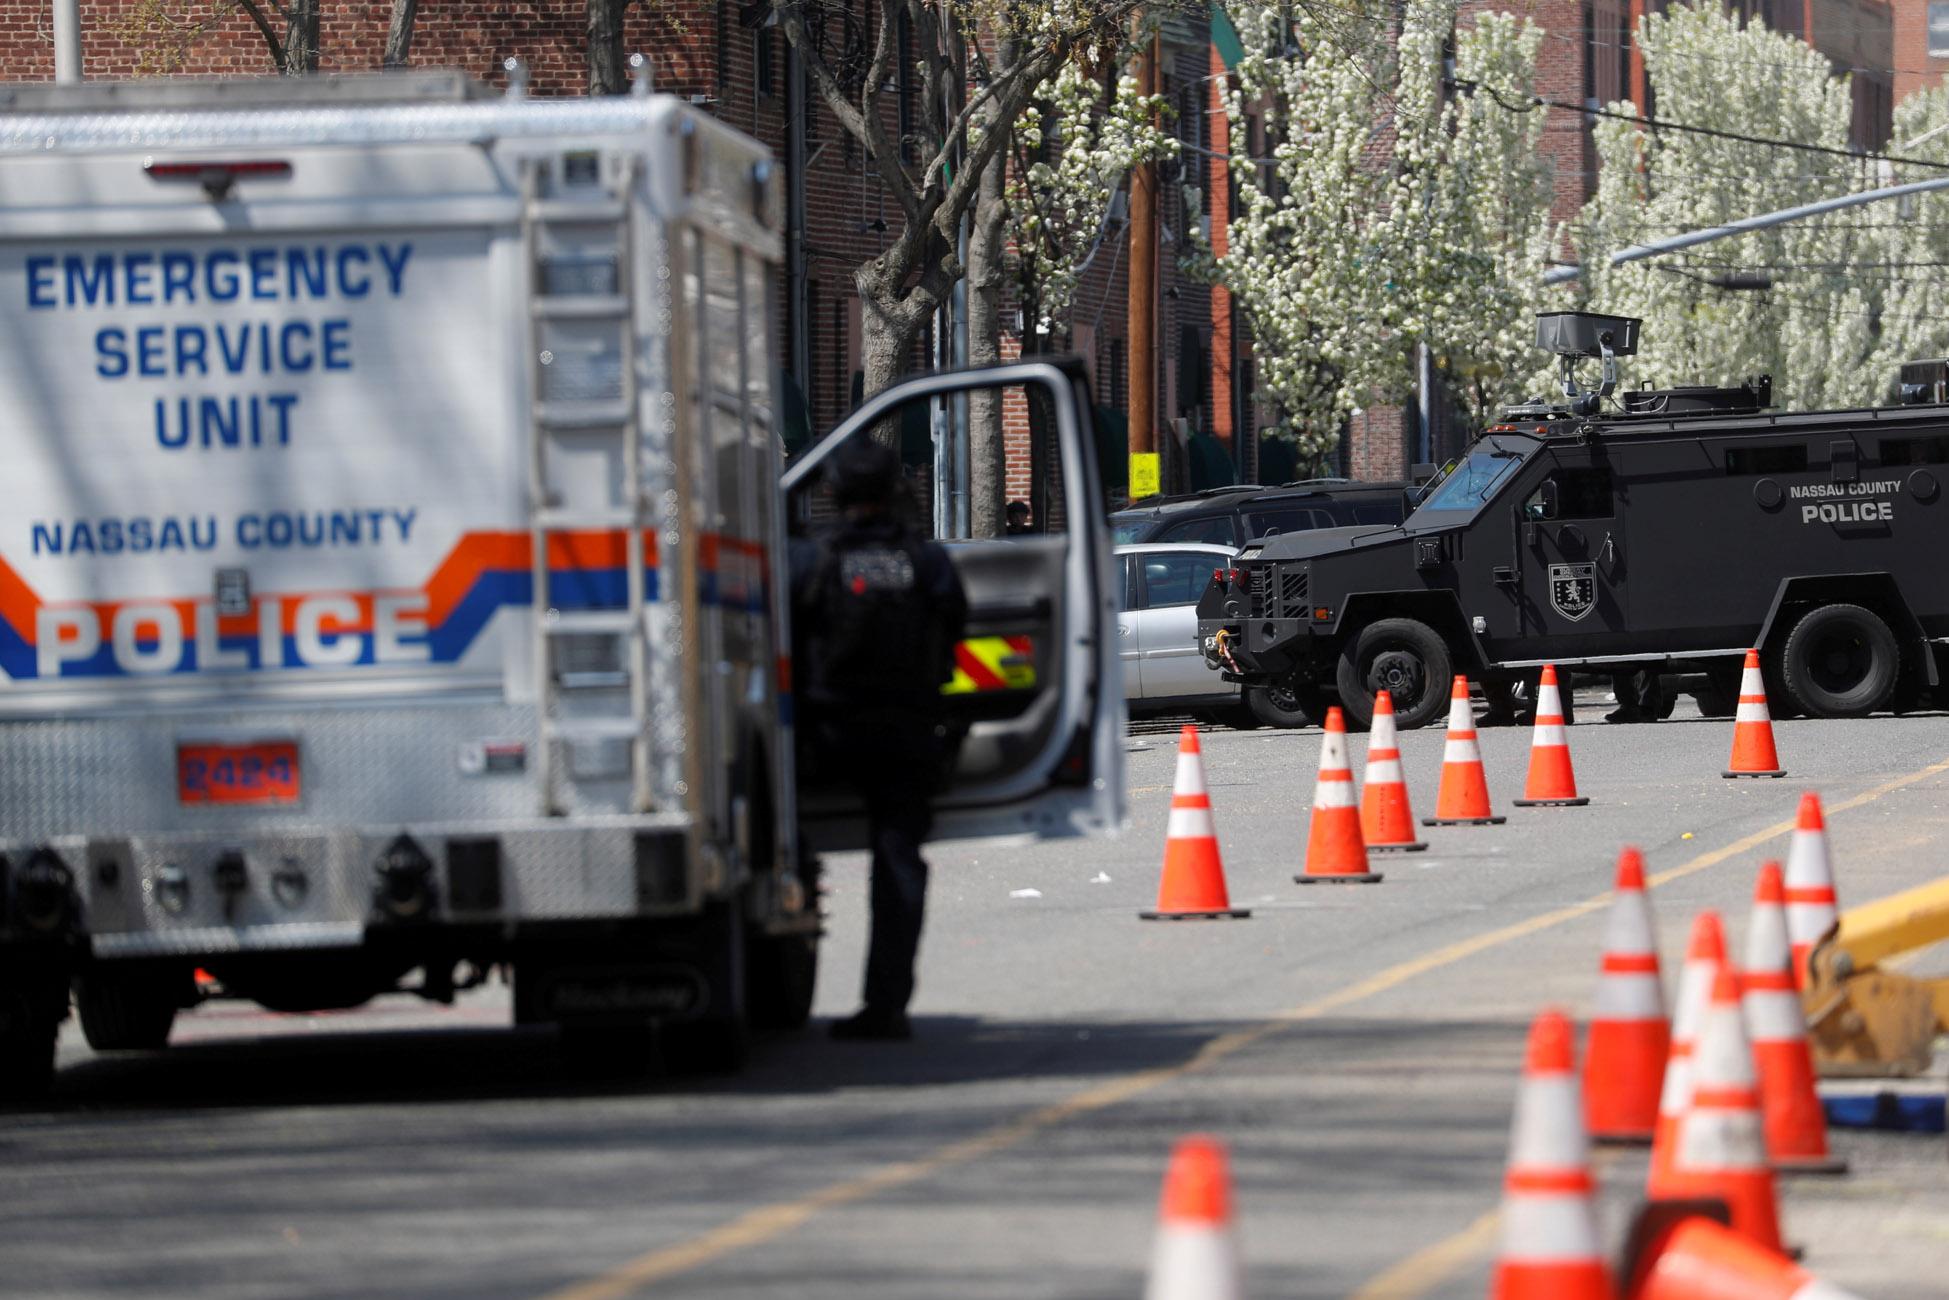 Νέα Υόρκη: Ένας νεκρός και δυο τραυματίες μετά από πυροβολισμούς σε σούπερ μάρκετ